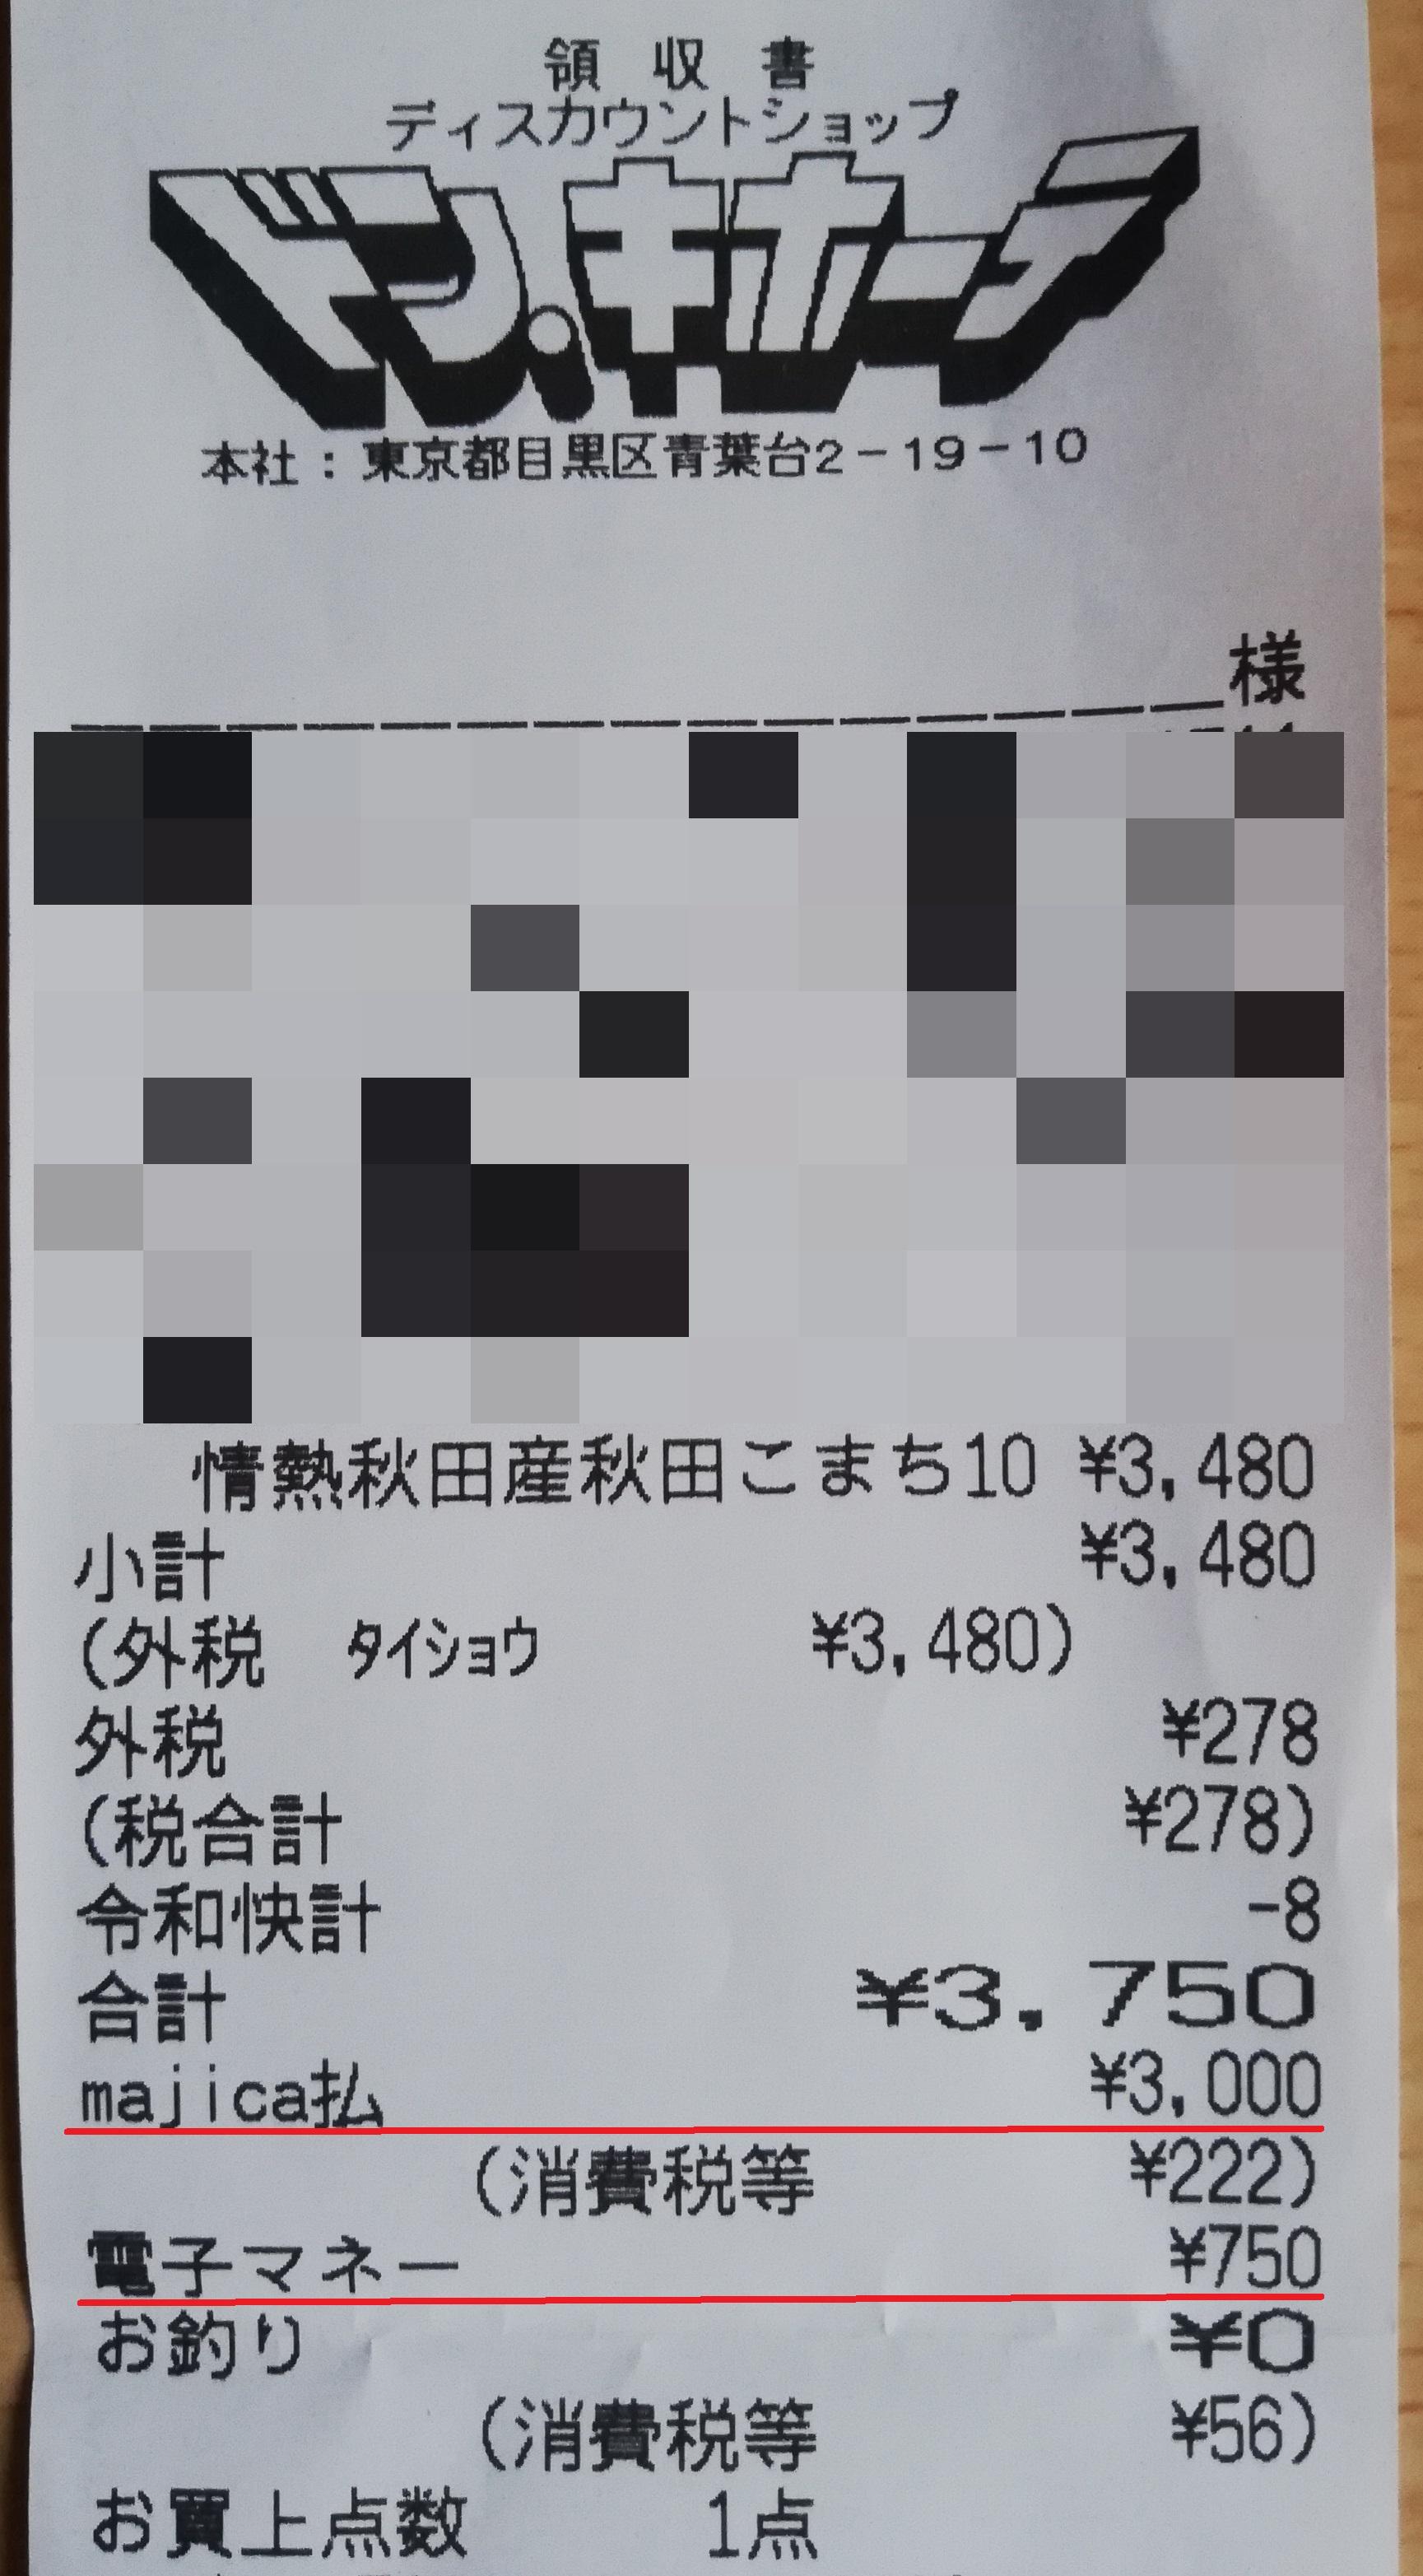 3,000円ギフト